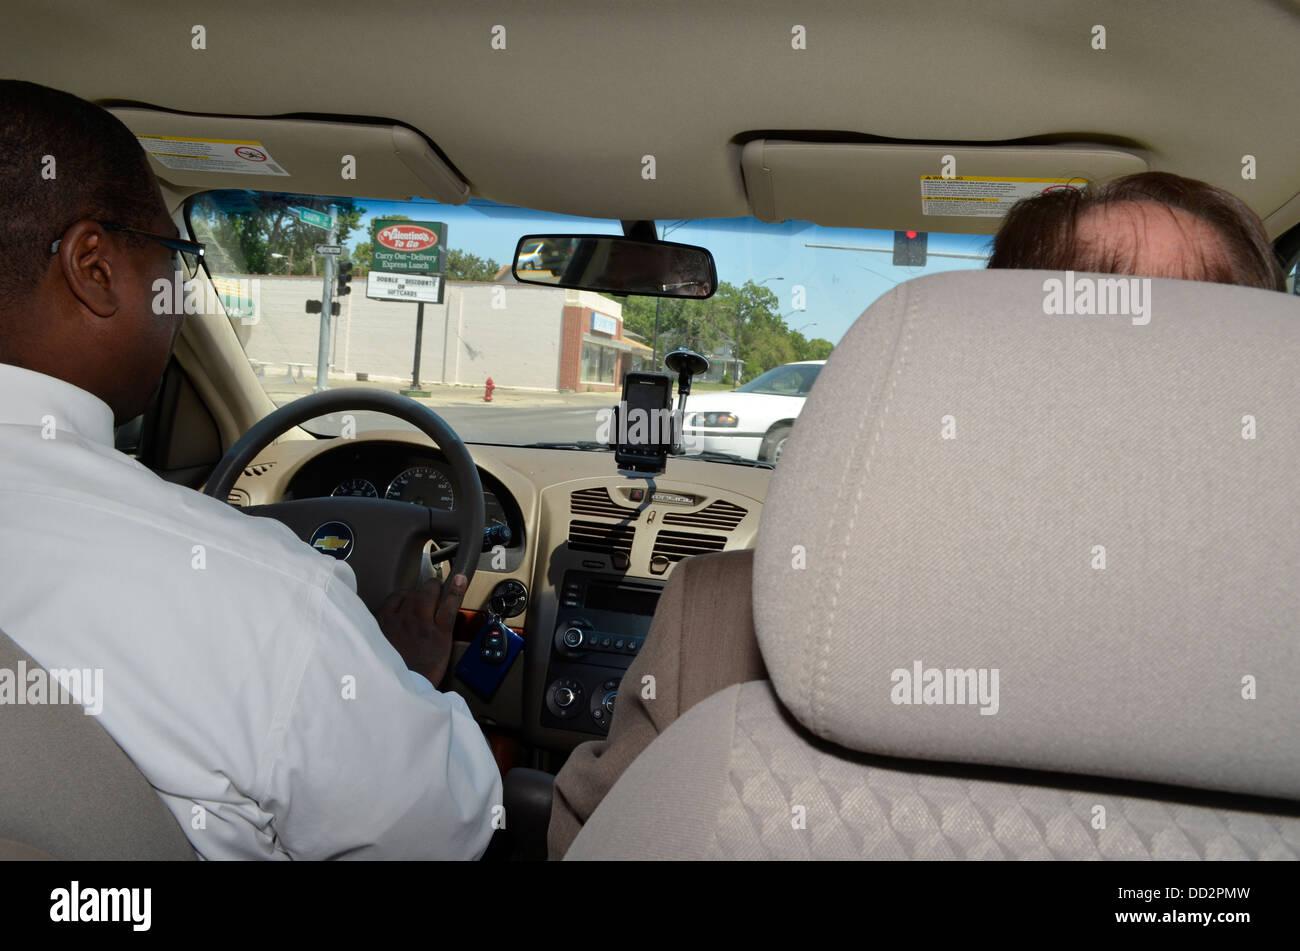 Dos varones de agentes de libertad condicional en el vehículo en su camino para satisfacer un parolee en su Imagen De Stock